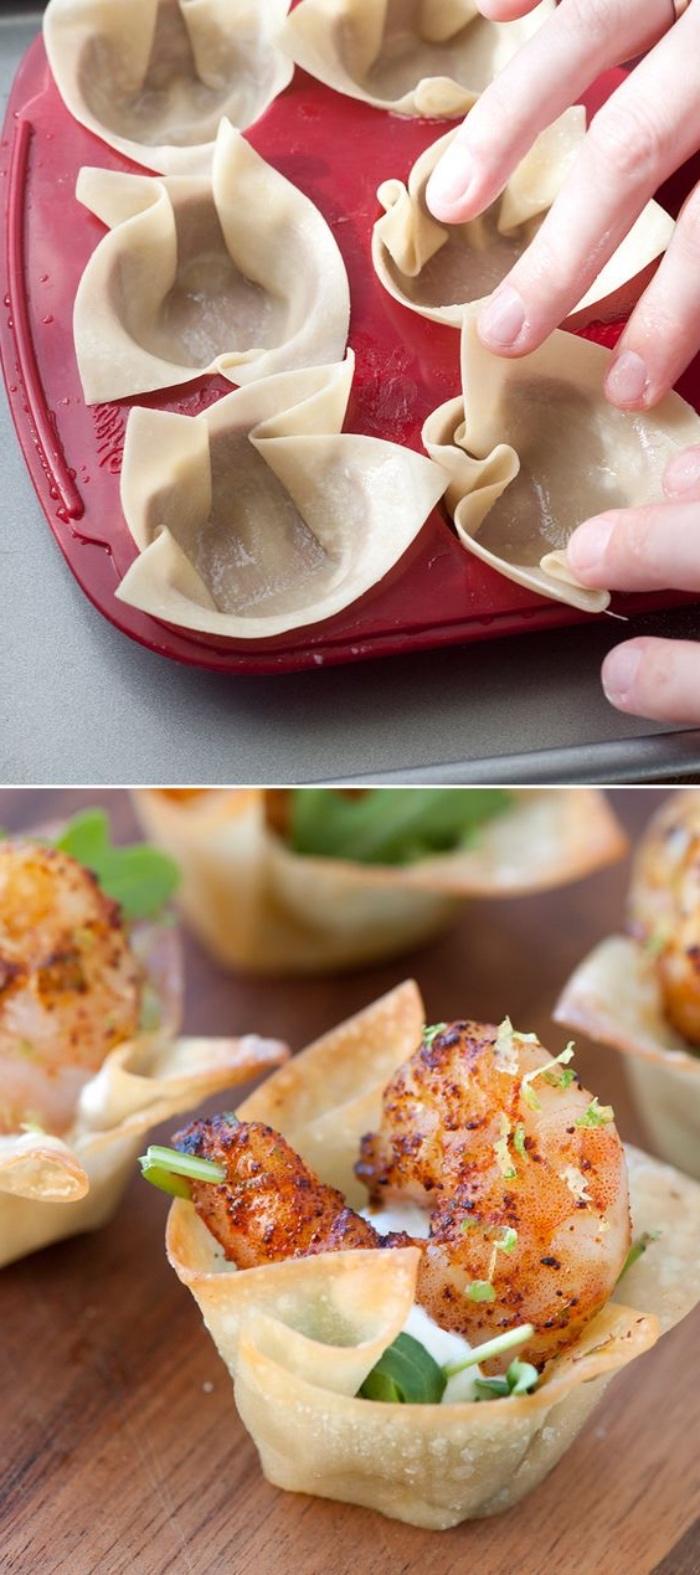 petits paniers de pate feuiletée avec de la crème aigre, crevettes, roquettes, seil et jus de citron, comment faire des tapas